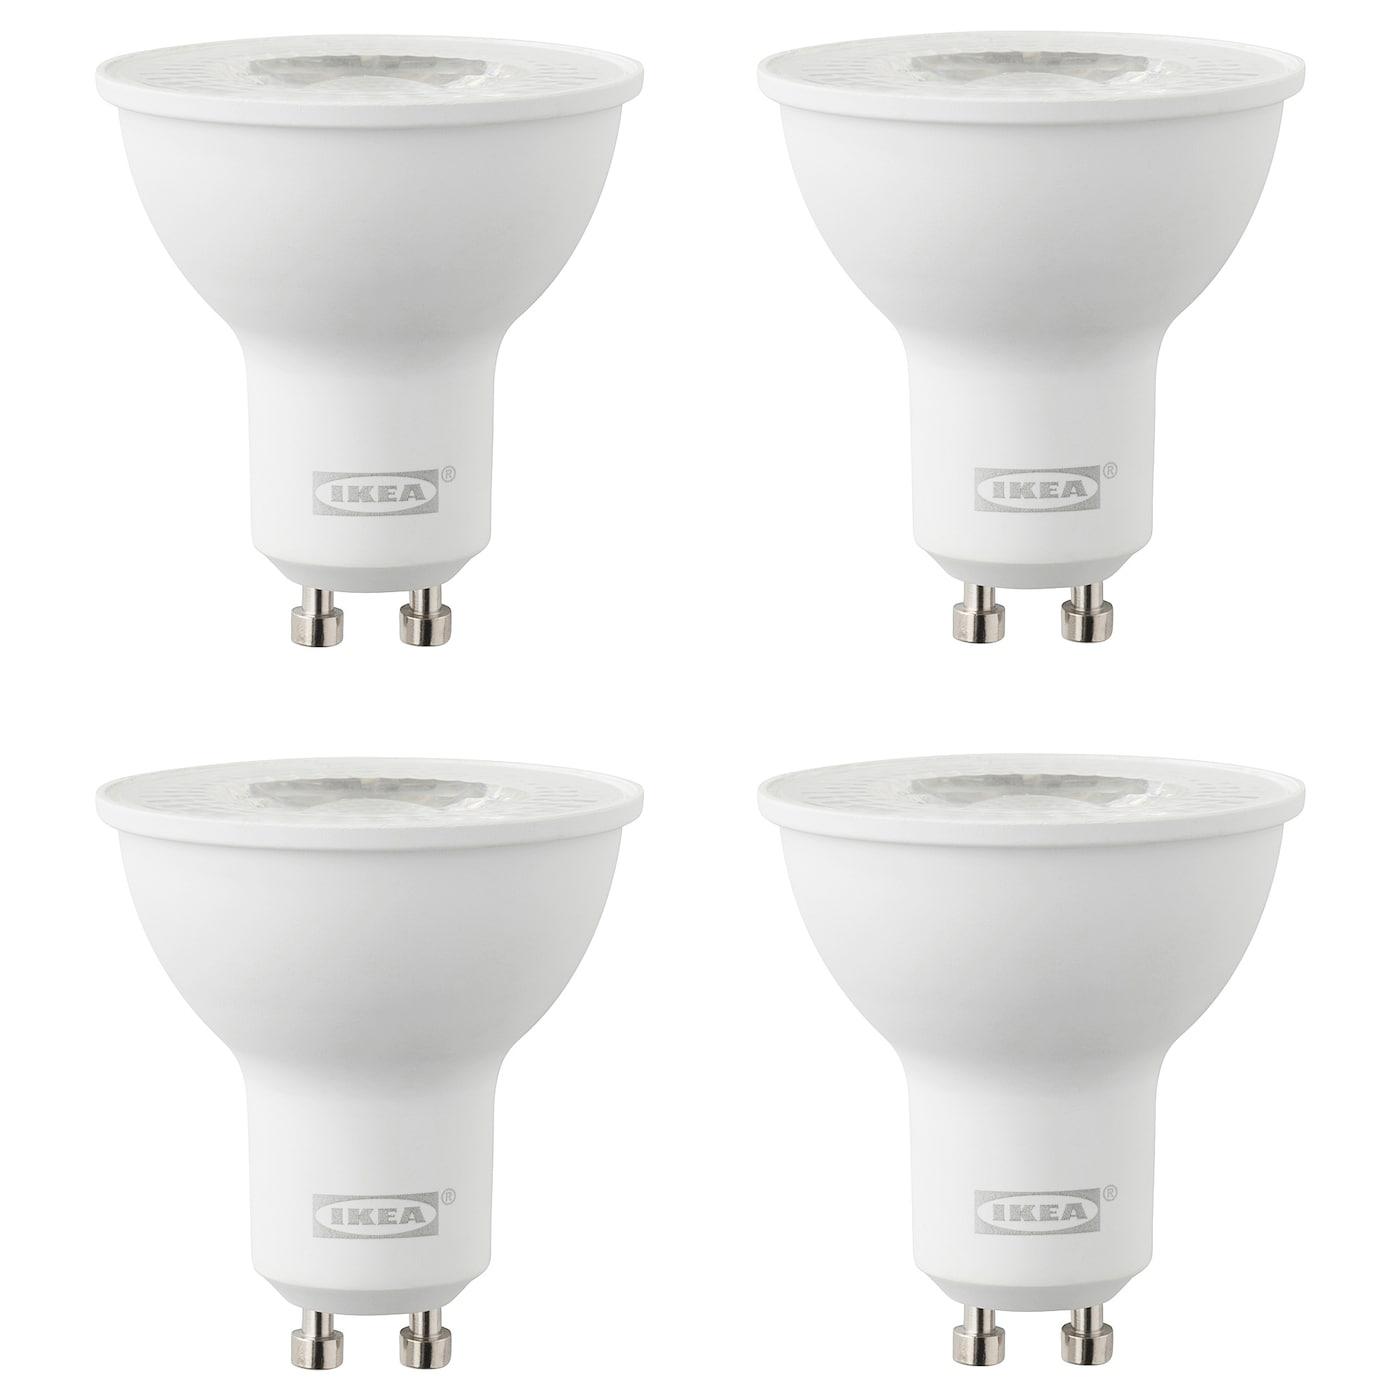 ryet-led-bulb-gu10-400-lumen__0542445_pe654071_s5 Faszinierend Gu10 Led 400 Lumen Dekorationen